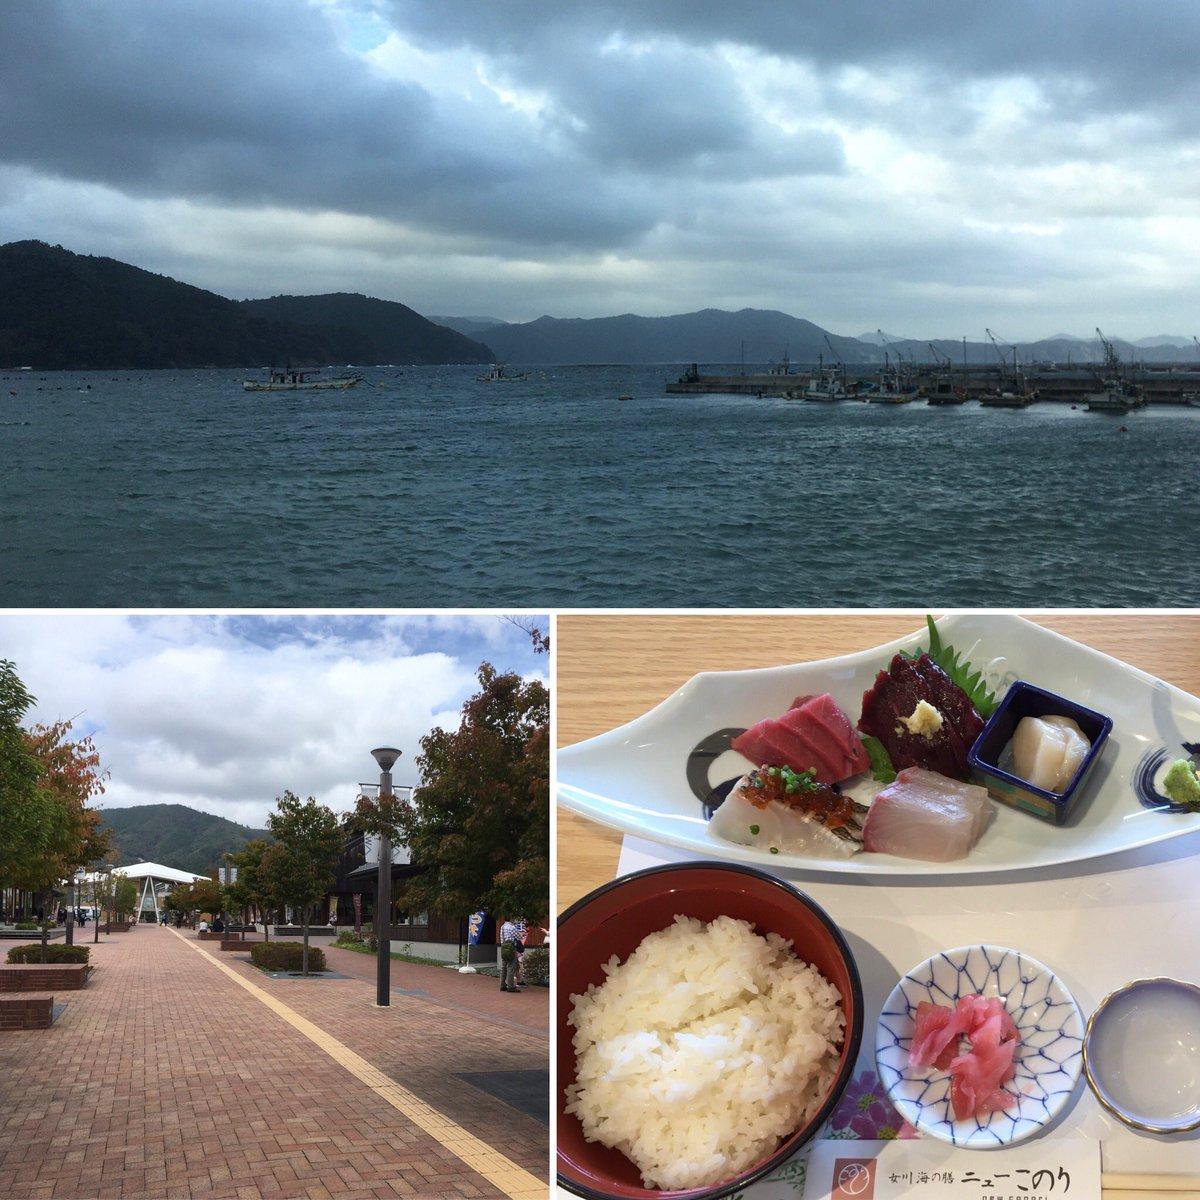 女川に行ってきました。天気はいまいちでしたが、美味しい刺身ランチが嬉しい…A little #trip to #onagawa , #miyagi . It was #cloudy and #windy but I enjoyed #sashimi #lunch .   #clouds #seafood #tohoku #japanesefood #japan #sea #宮城 #海 #東北 #和食 #seaside https://t.co/6JTFSS6MFy